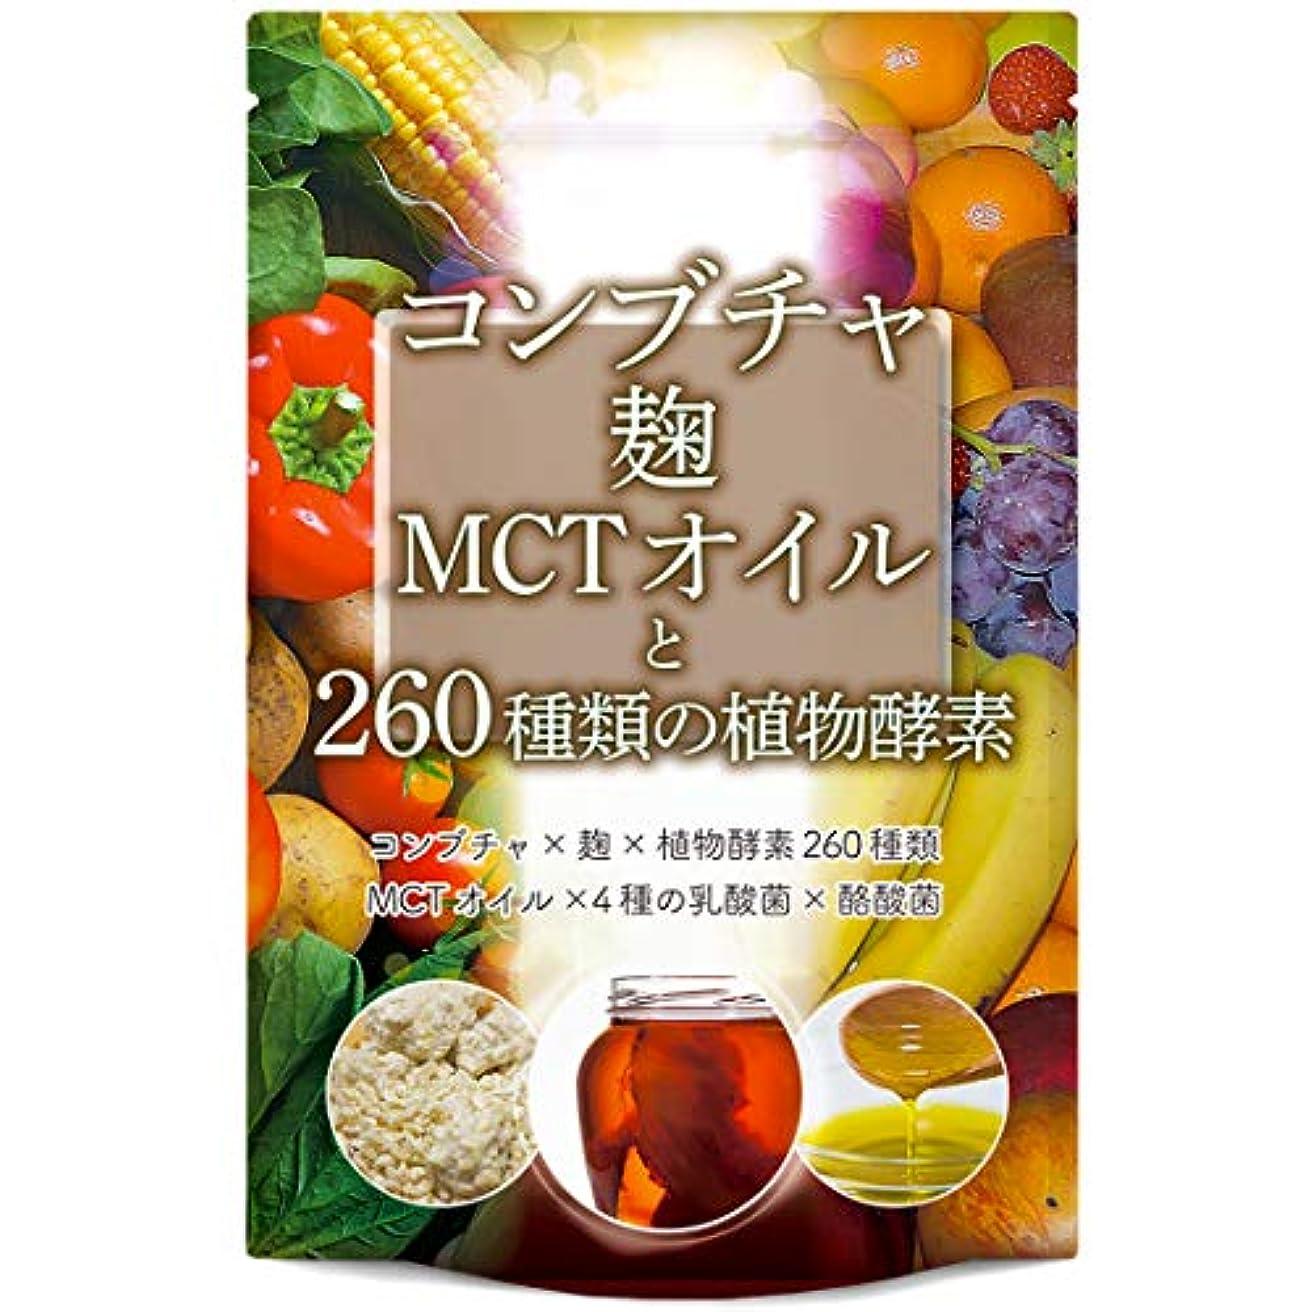 傾向がある祖母スポーツの試合を担当している人コンブチャ 麹 MCTオイル 260種類の植物酵素 ダイエット サプリメント 30粒 30日分